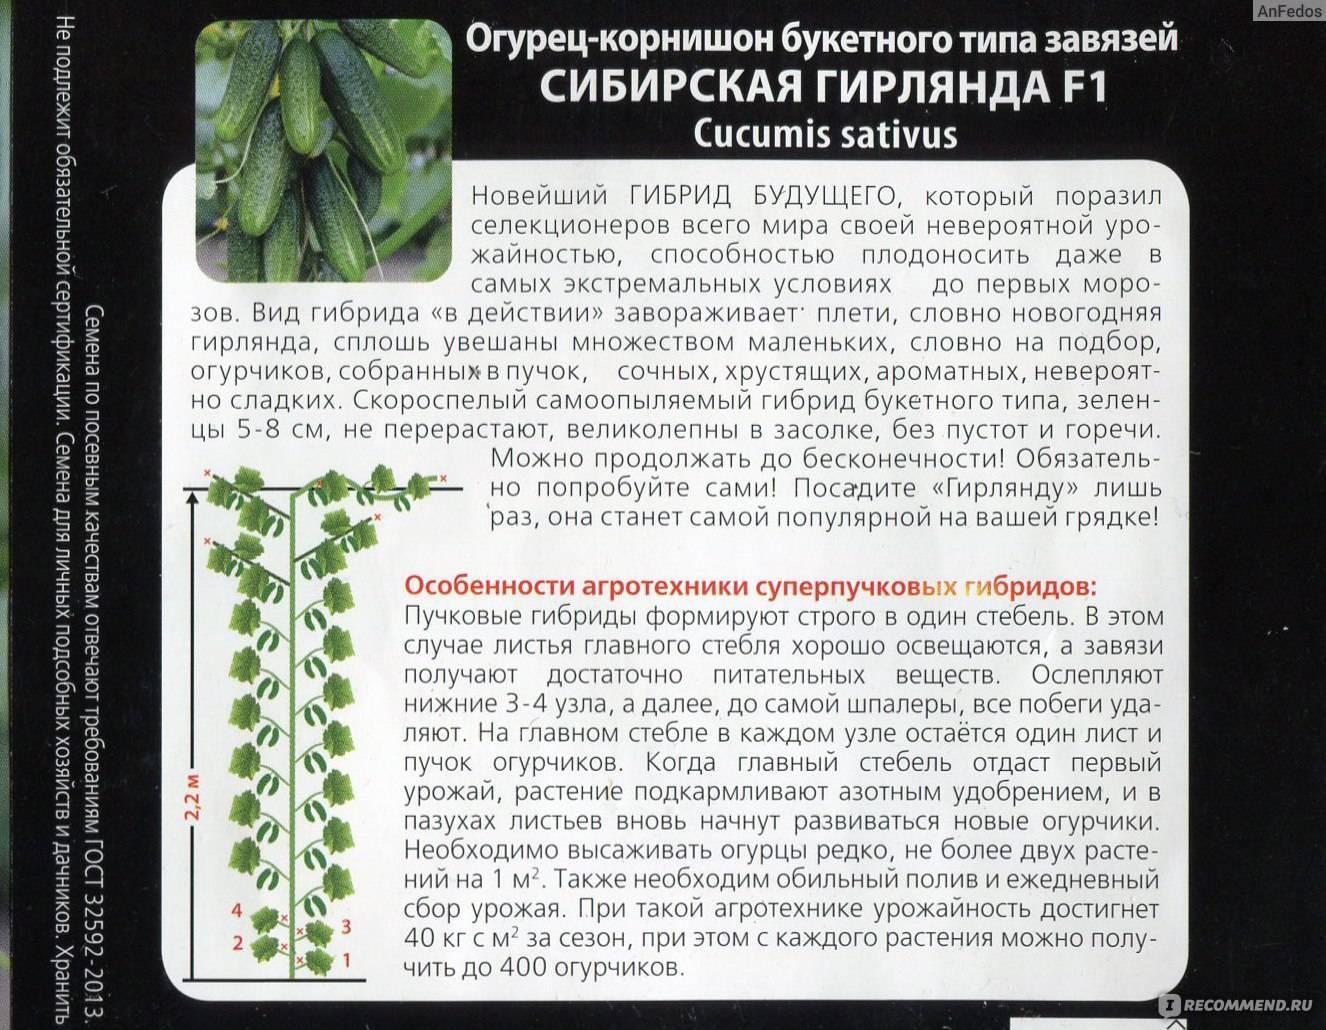 Огуречный праздник с сибирской гирляндой